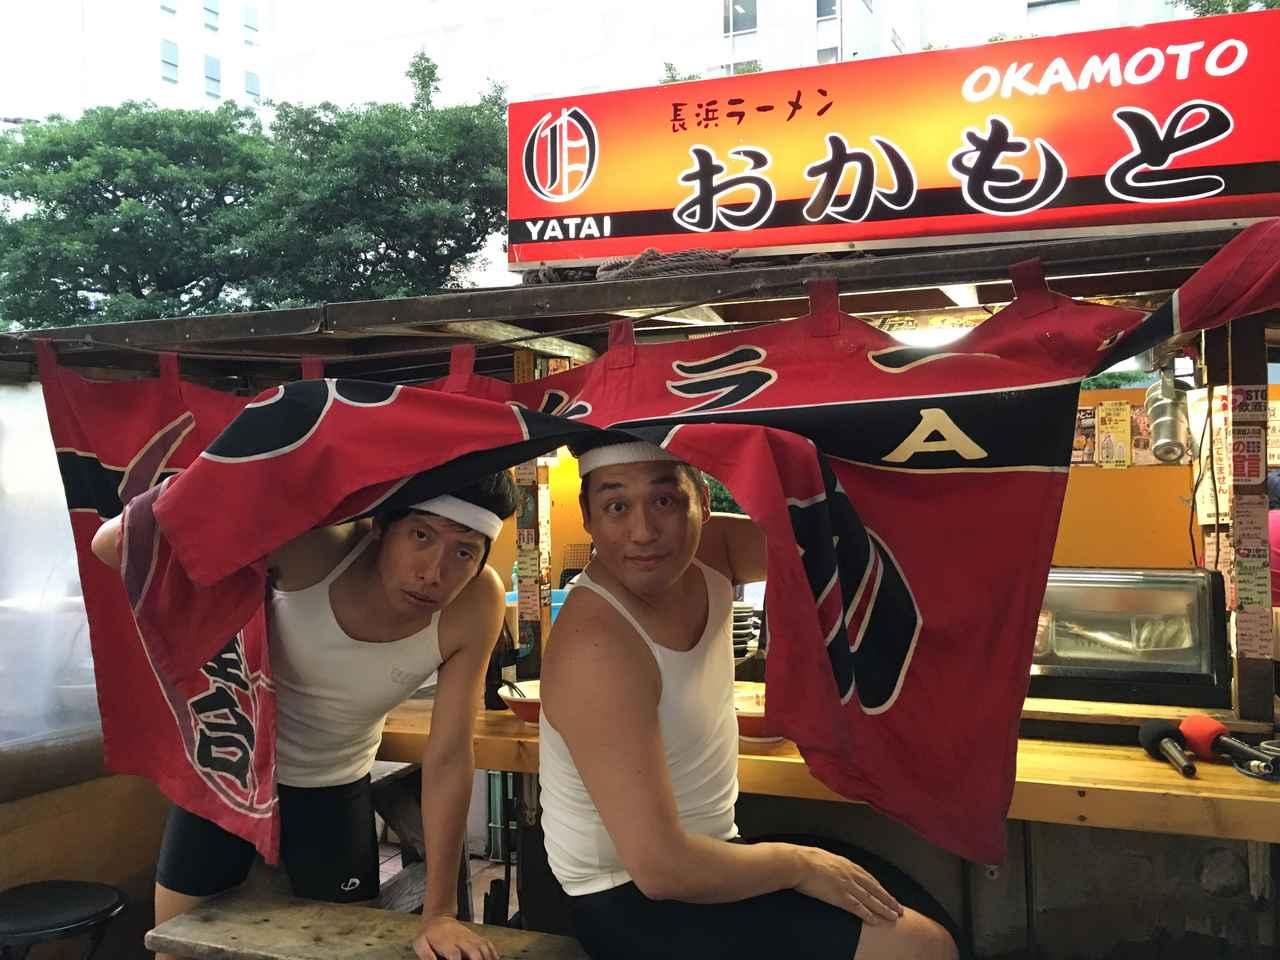 画像1: ☆藤崎マーケットの阪急交通社『博多満喫マーケット』